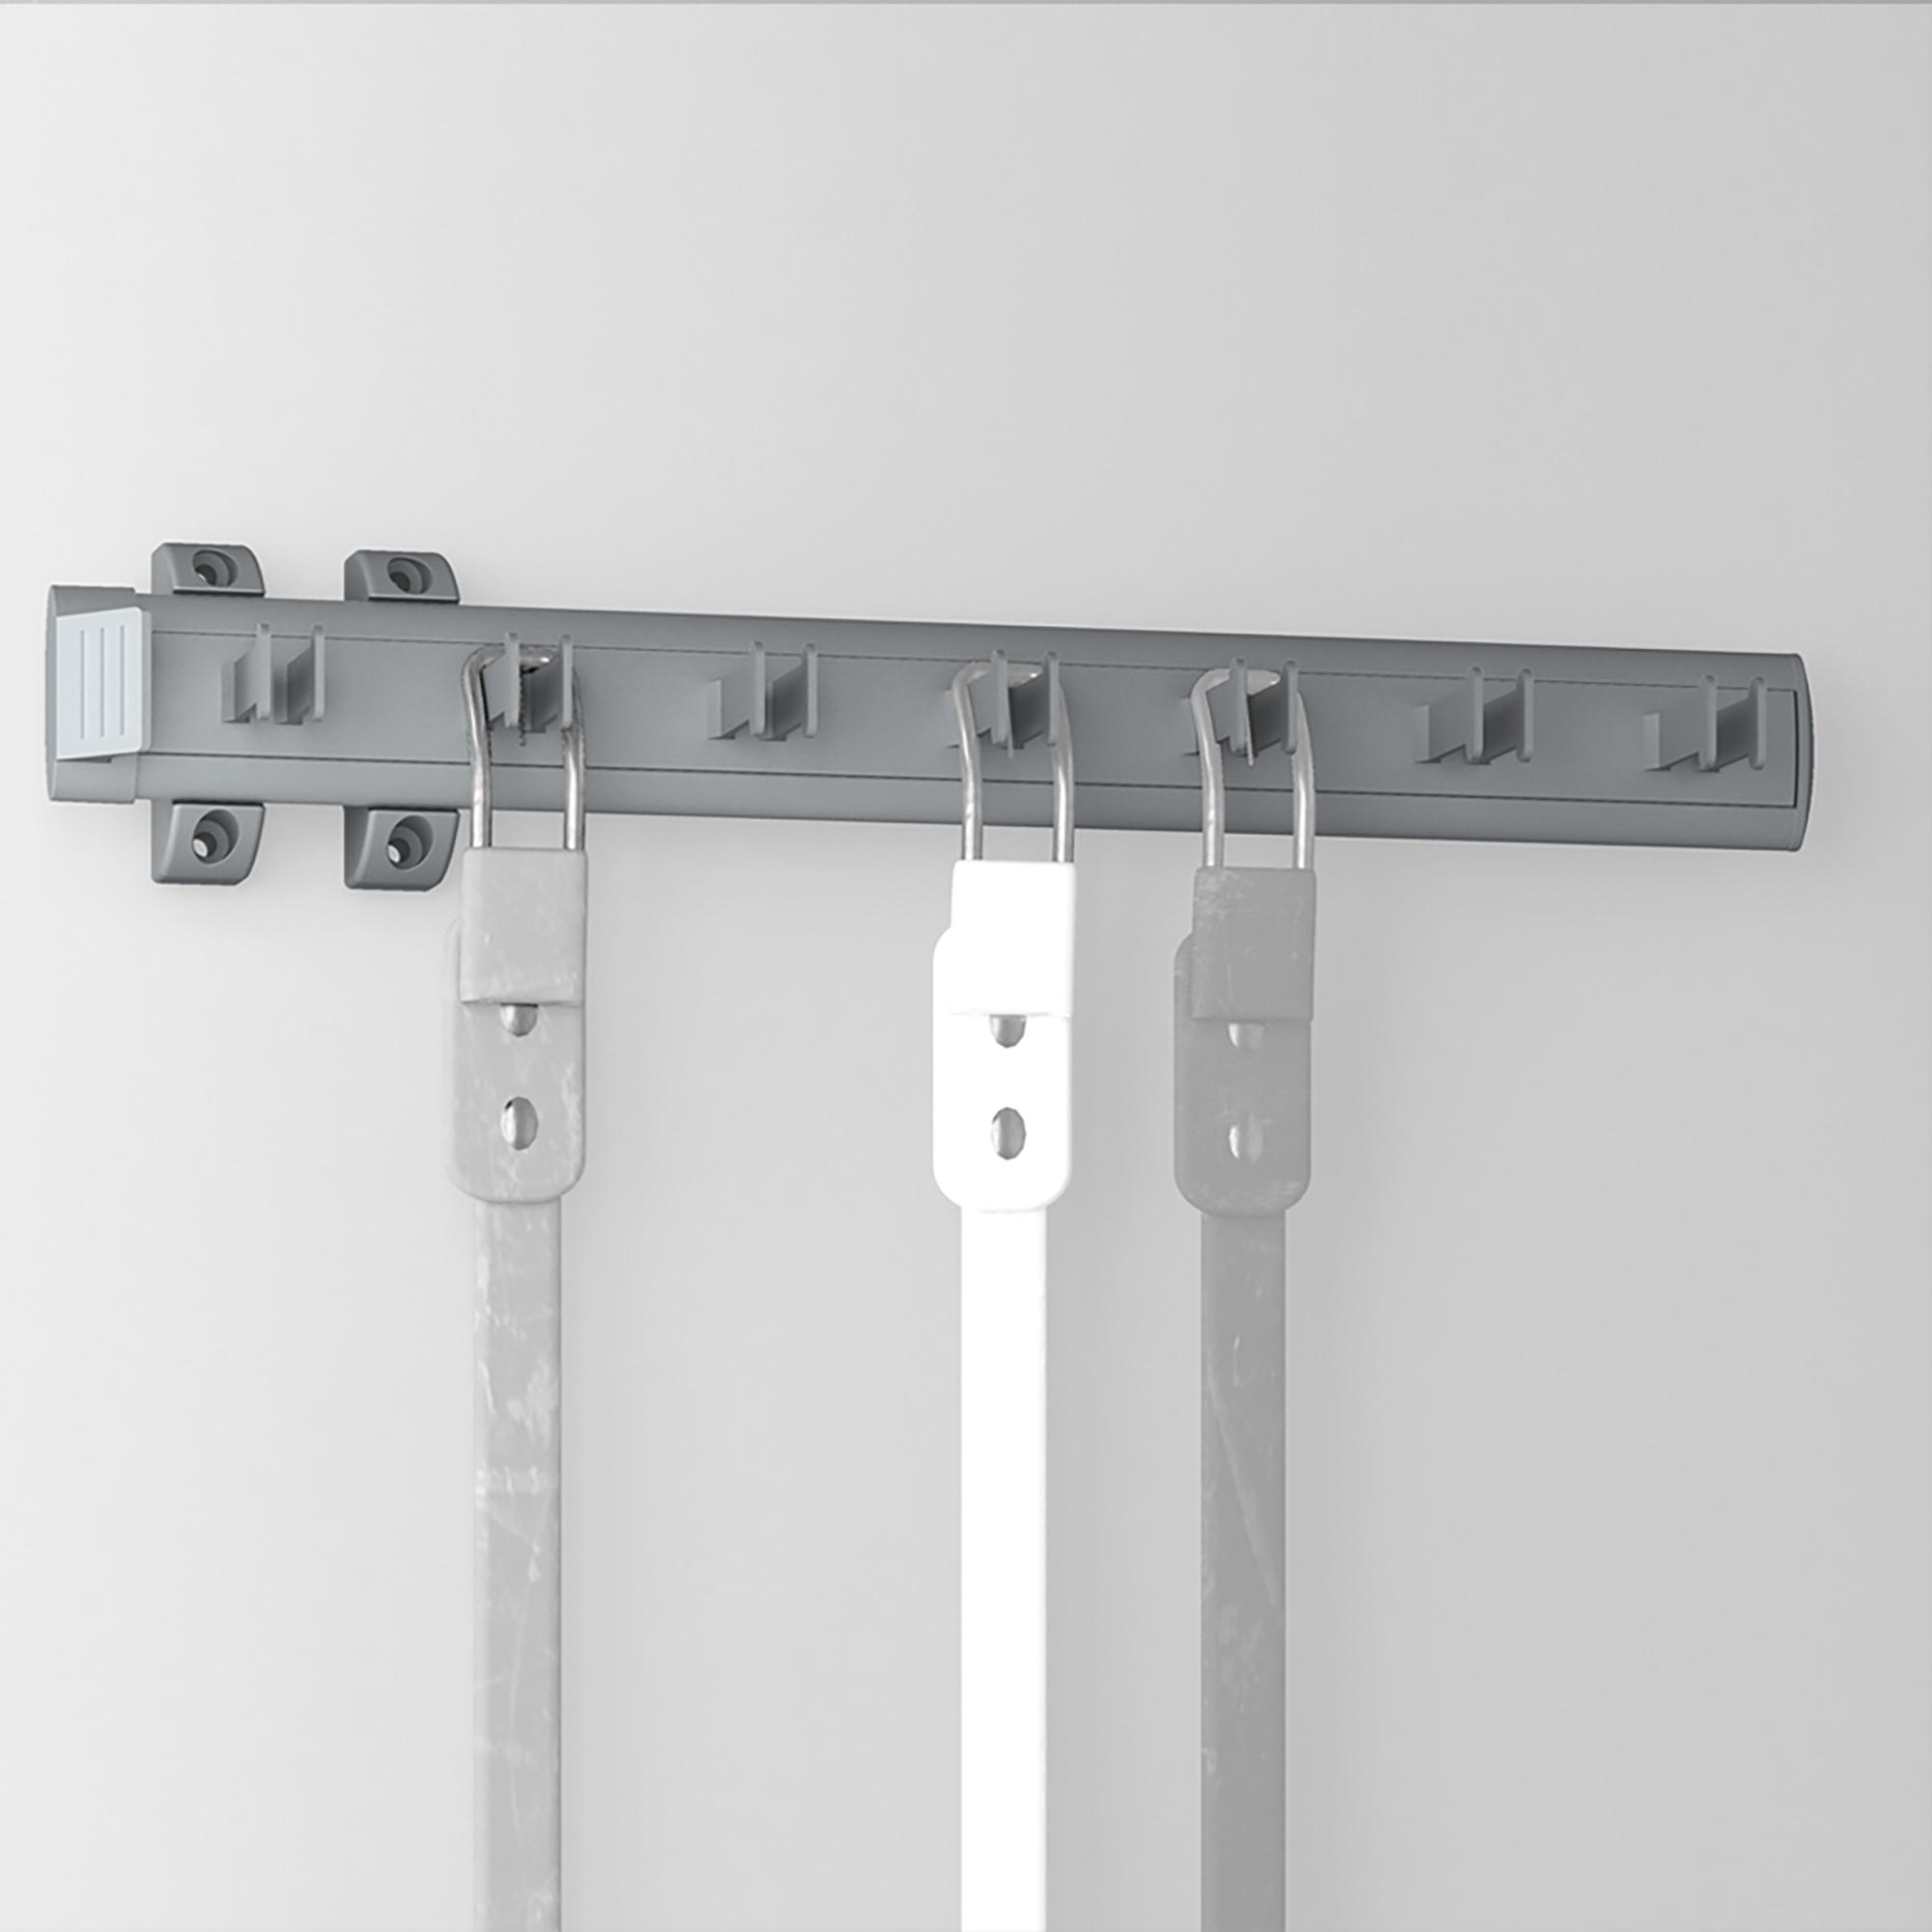 Emuca Porta cinture laterale estraibile per armadio, 447 mm, Alluminio e plastica, Anodizzato opaco